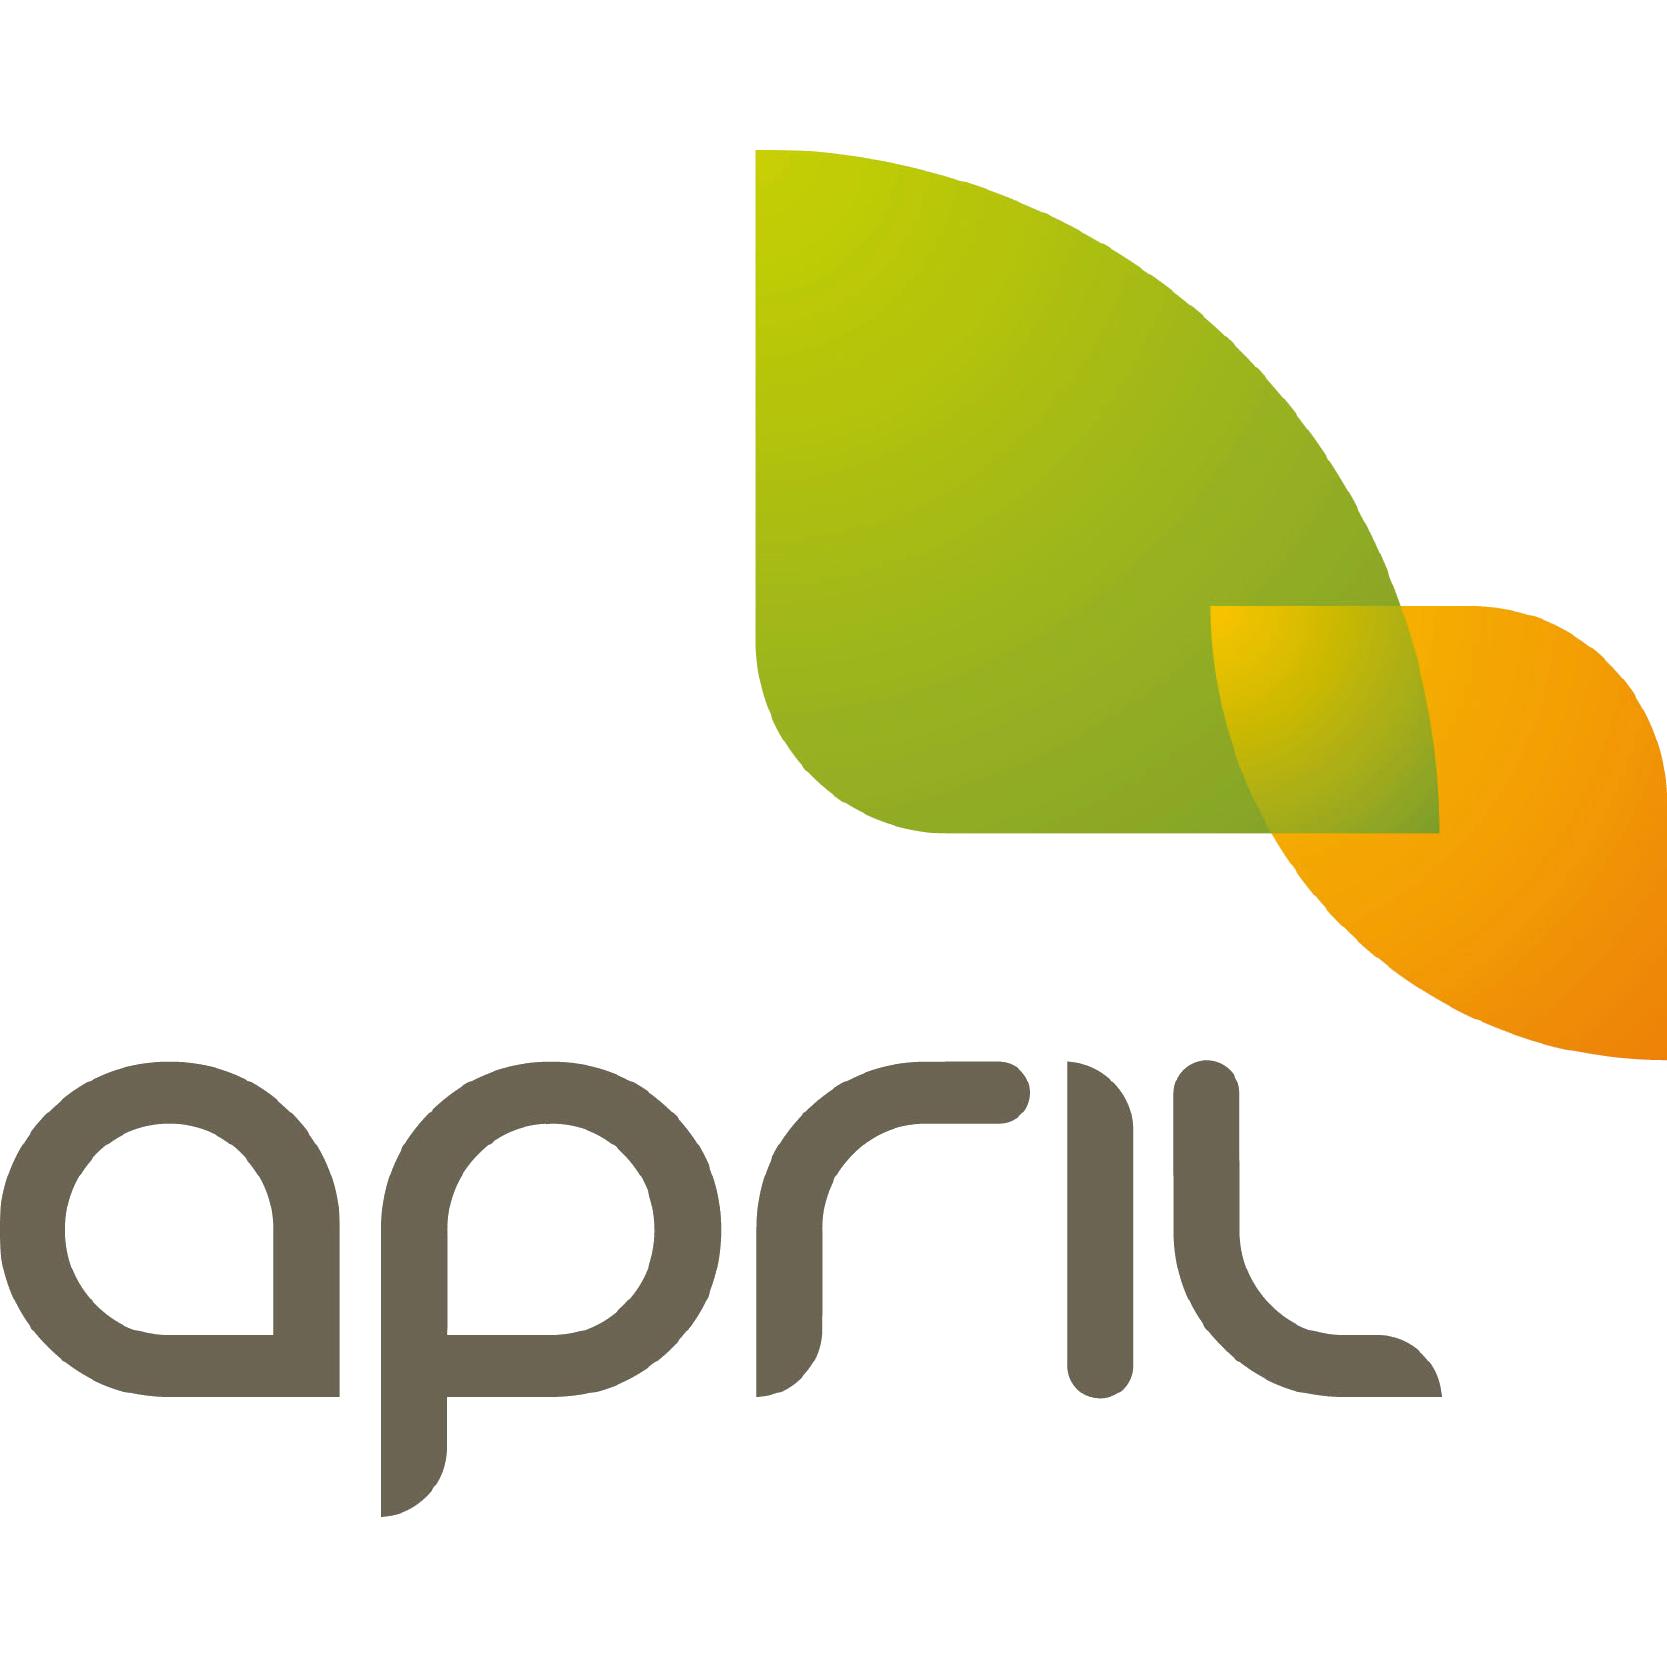 april logo 1